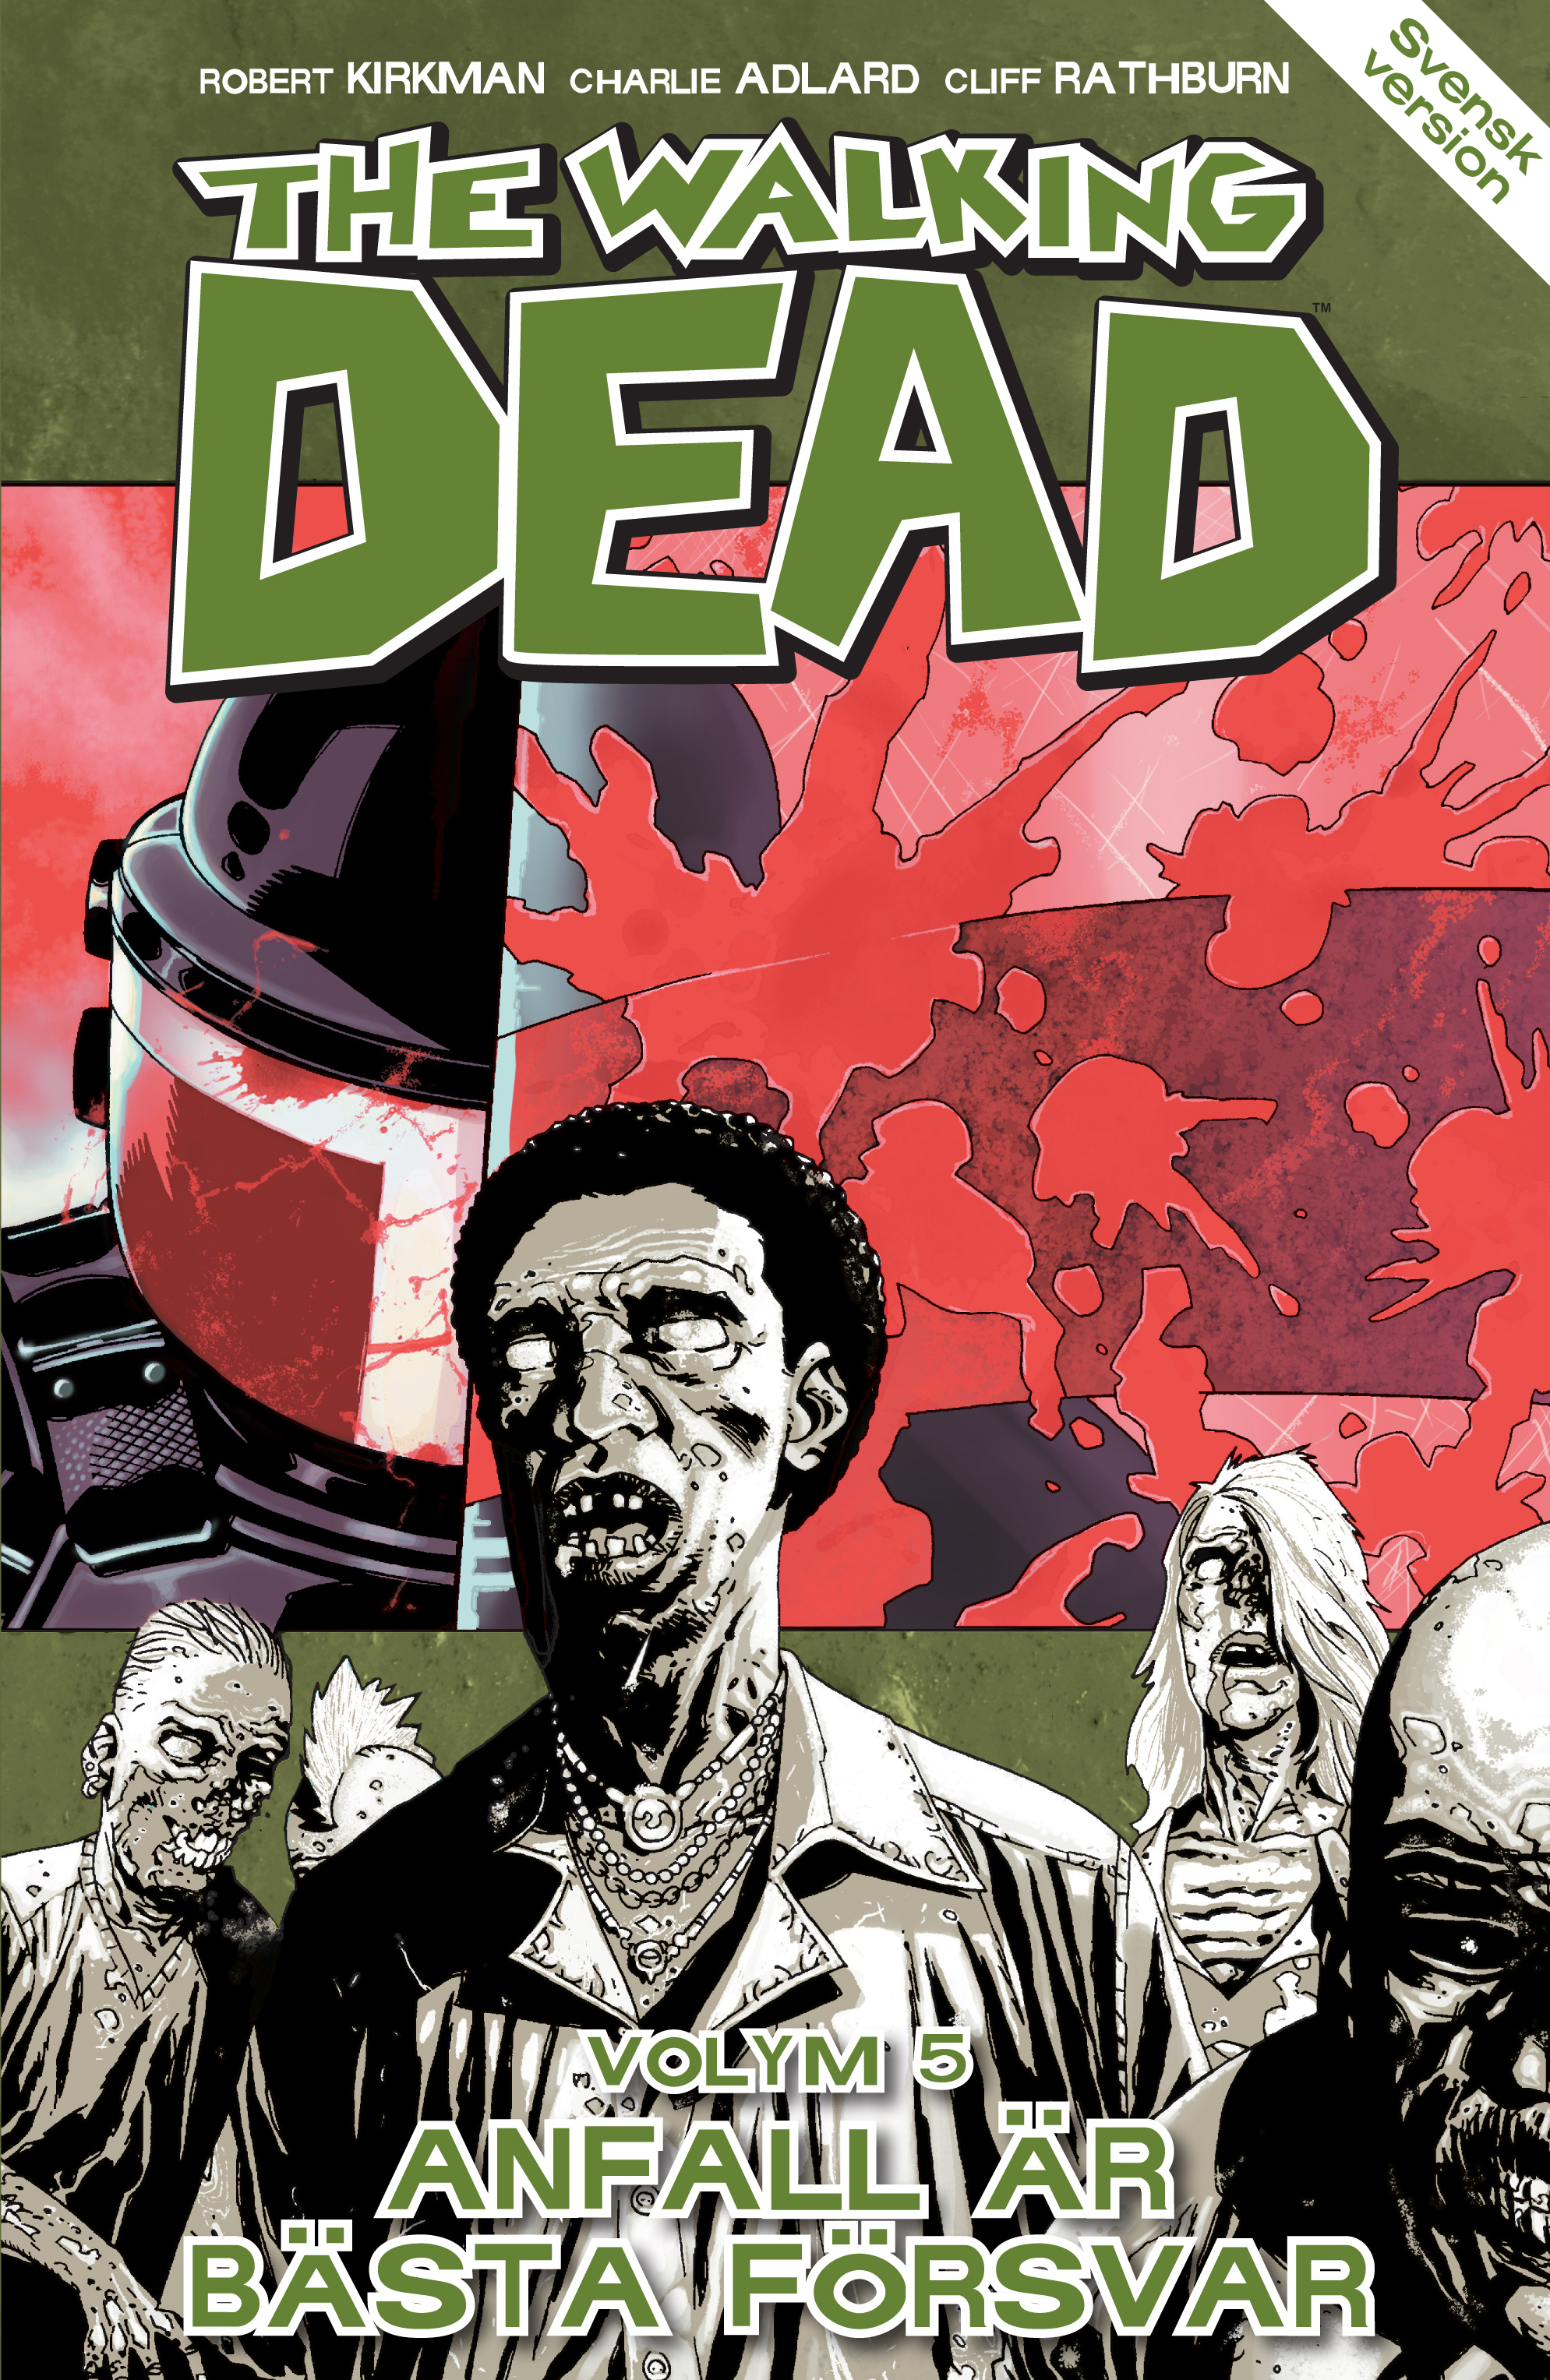 The Walking Dead volym 5. Anfall är bästa försvar av Robert Kirkman